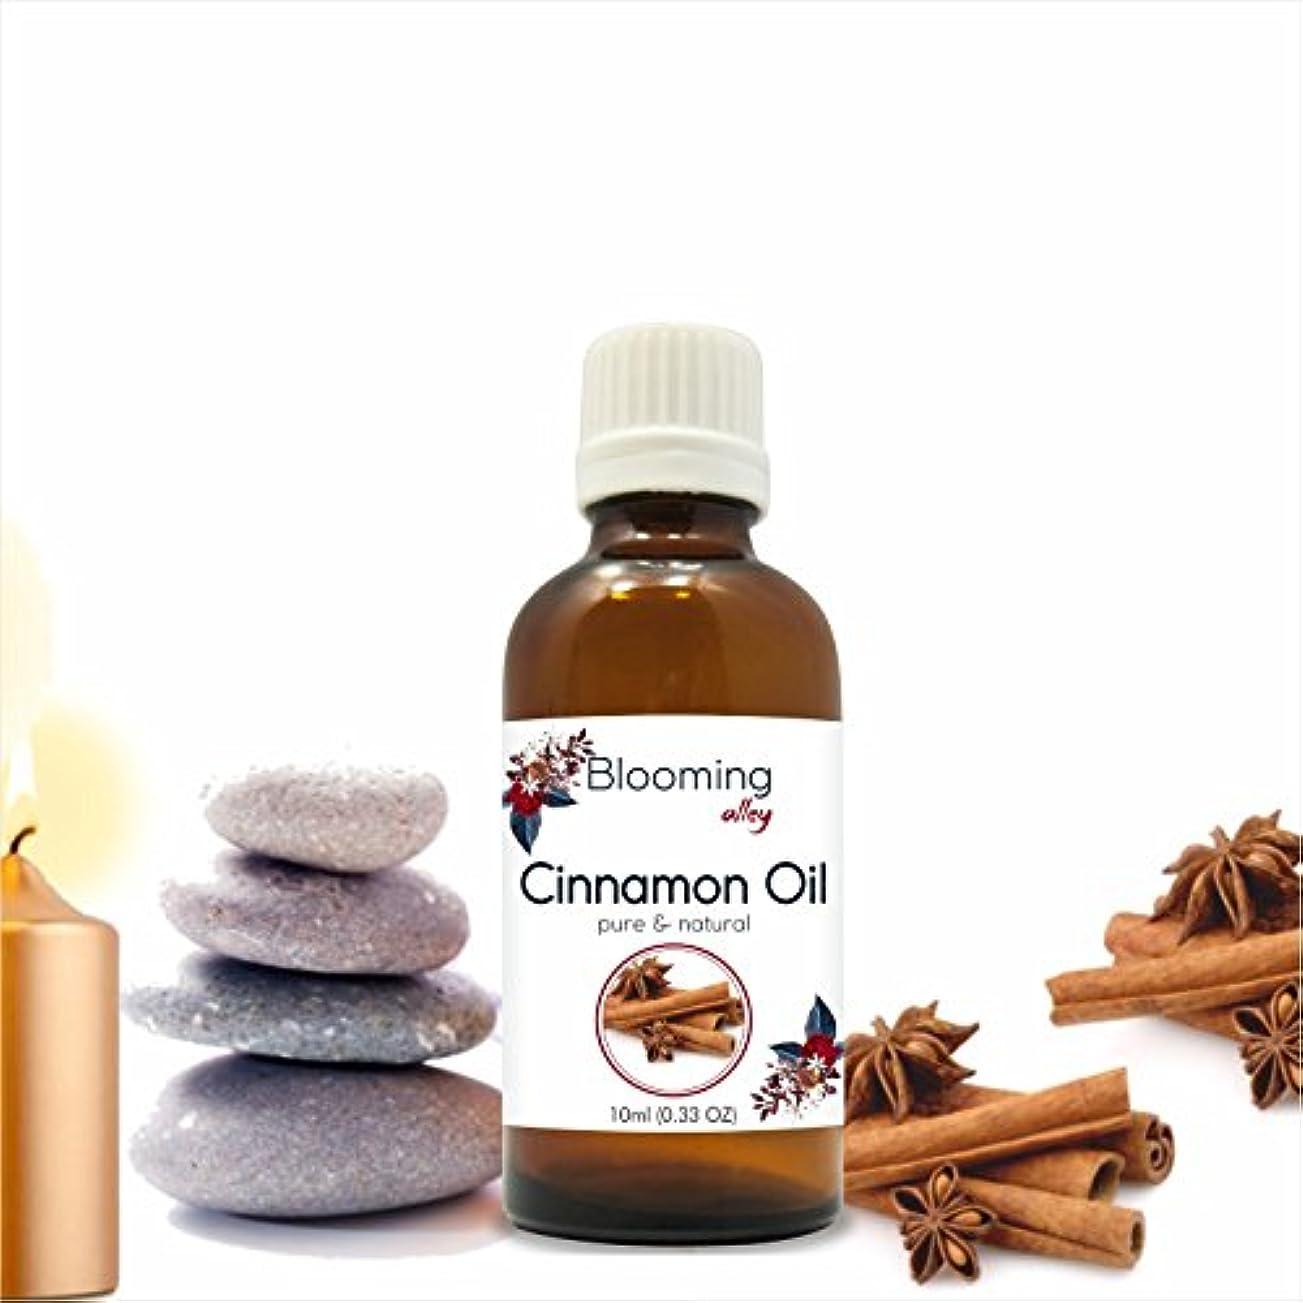 パフ佐賀仲人Cinnamon Oil (Cinnamomum Cassia) Essential Oil 10 ml or 0.33 Fl Oz by Blooming Alley